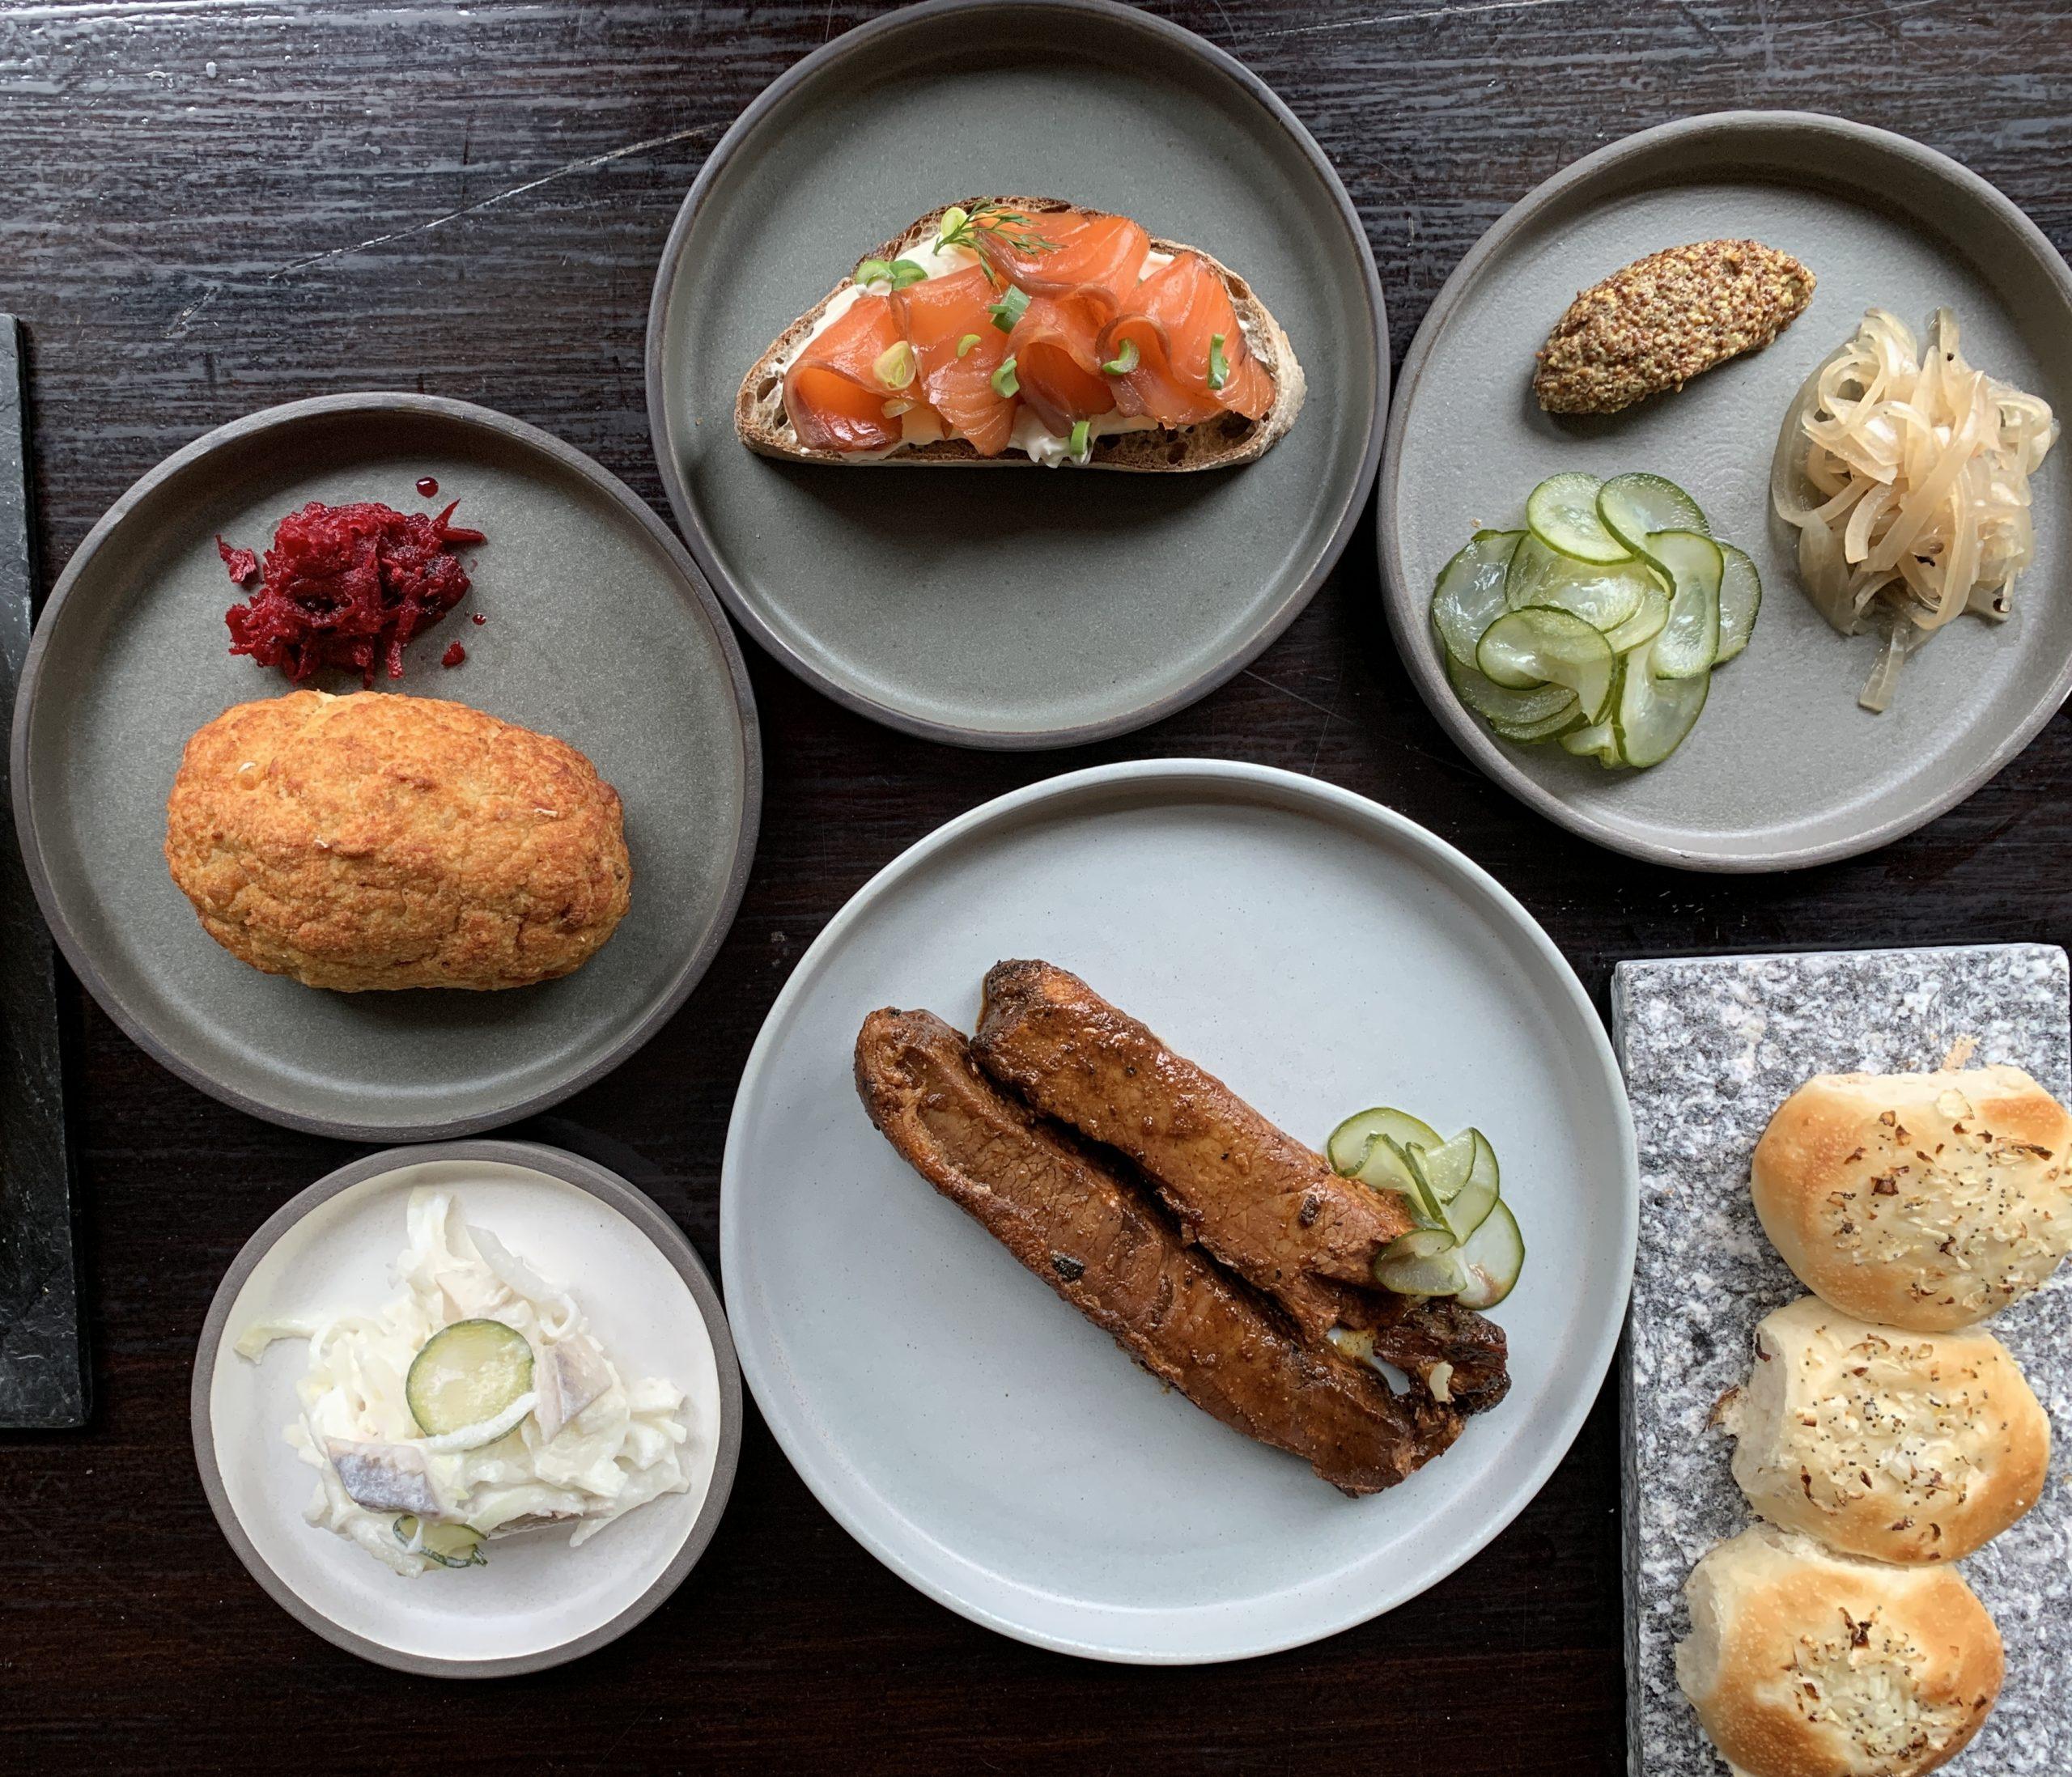 Llega JUNE cocina judía, una tradición que continúa 2